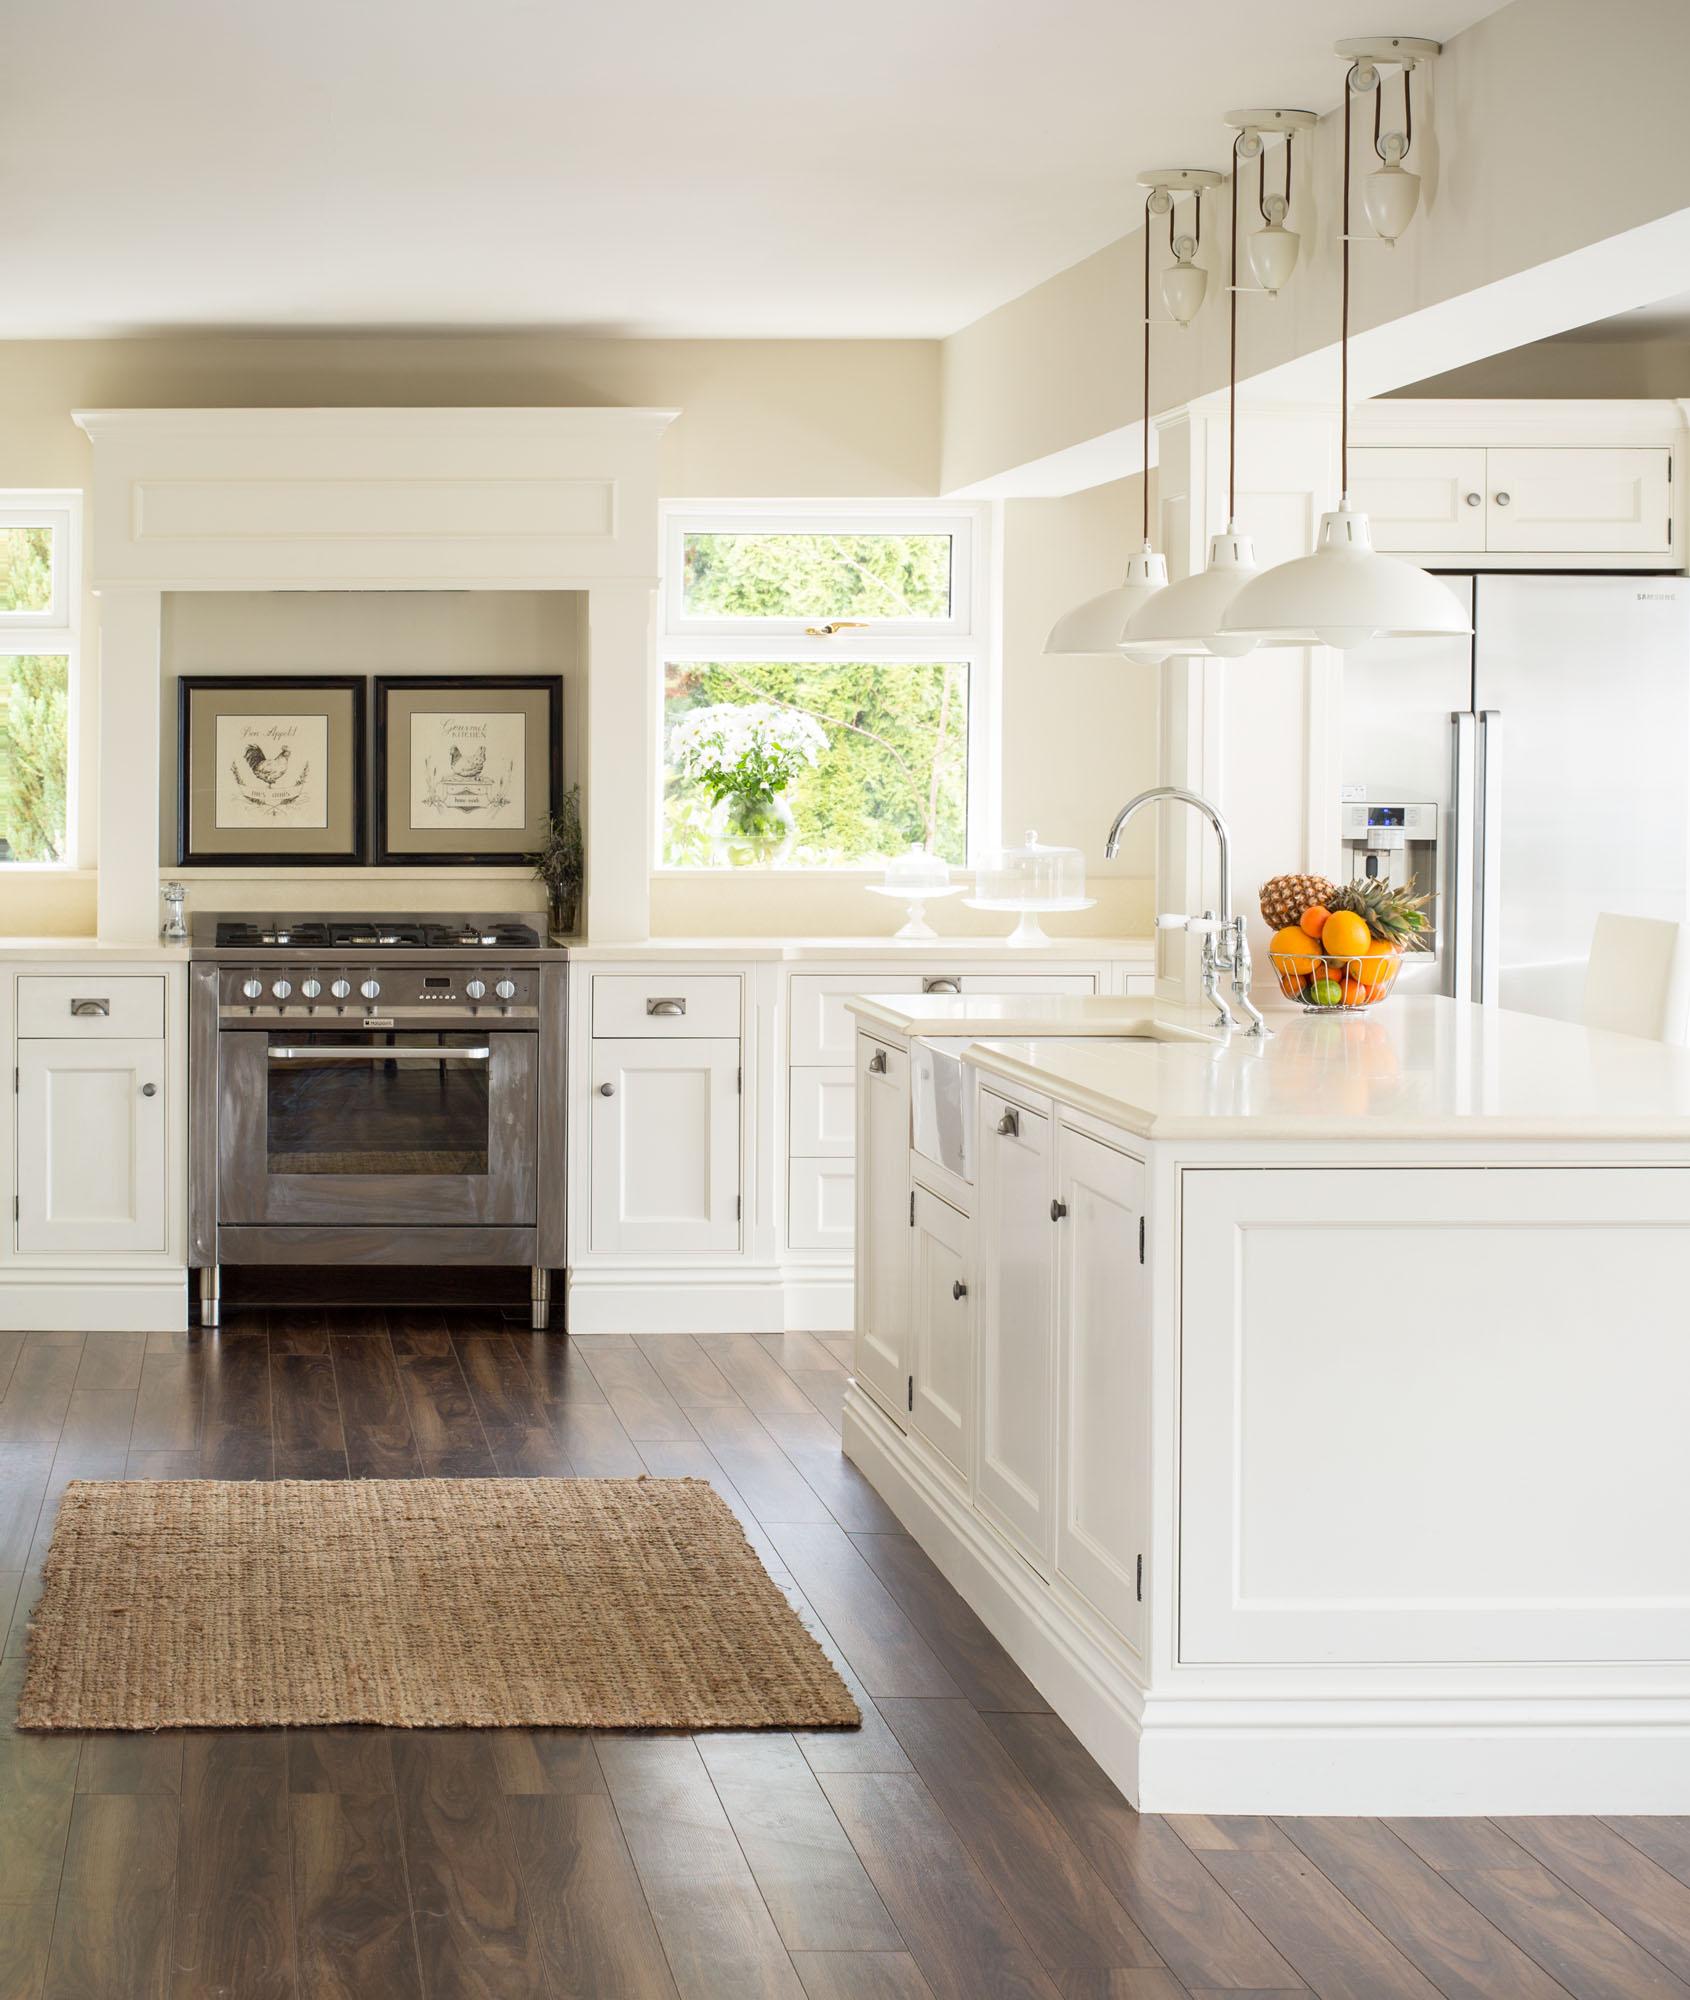 Kitchen / Interior Design / Architectural Photography